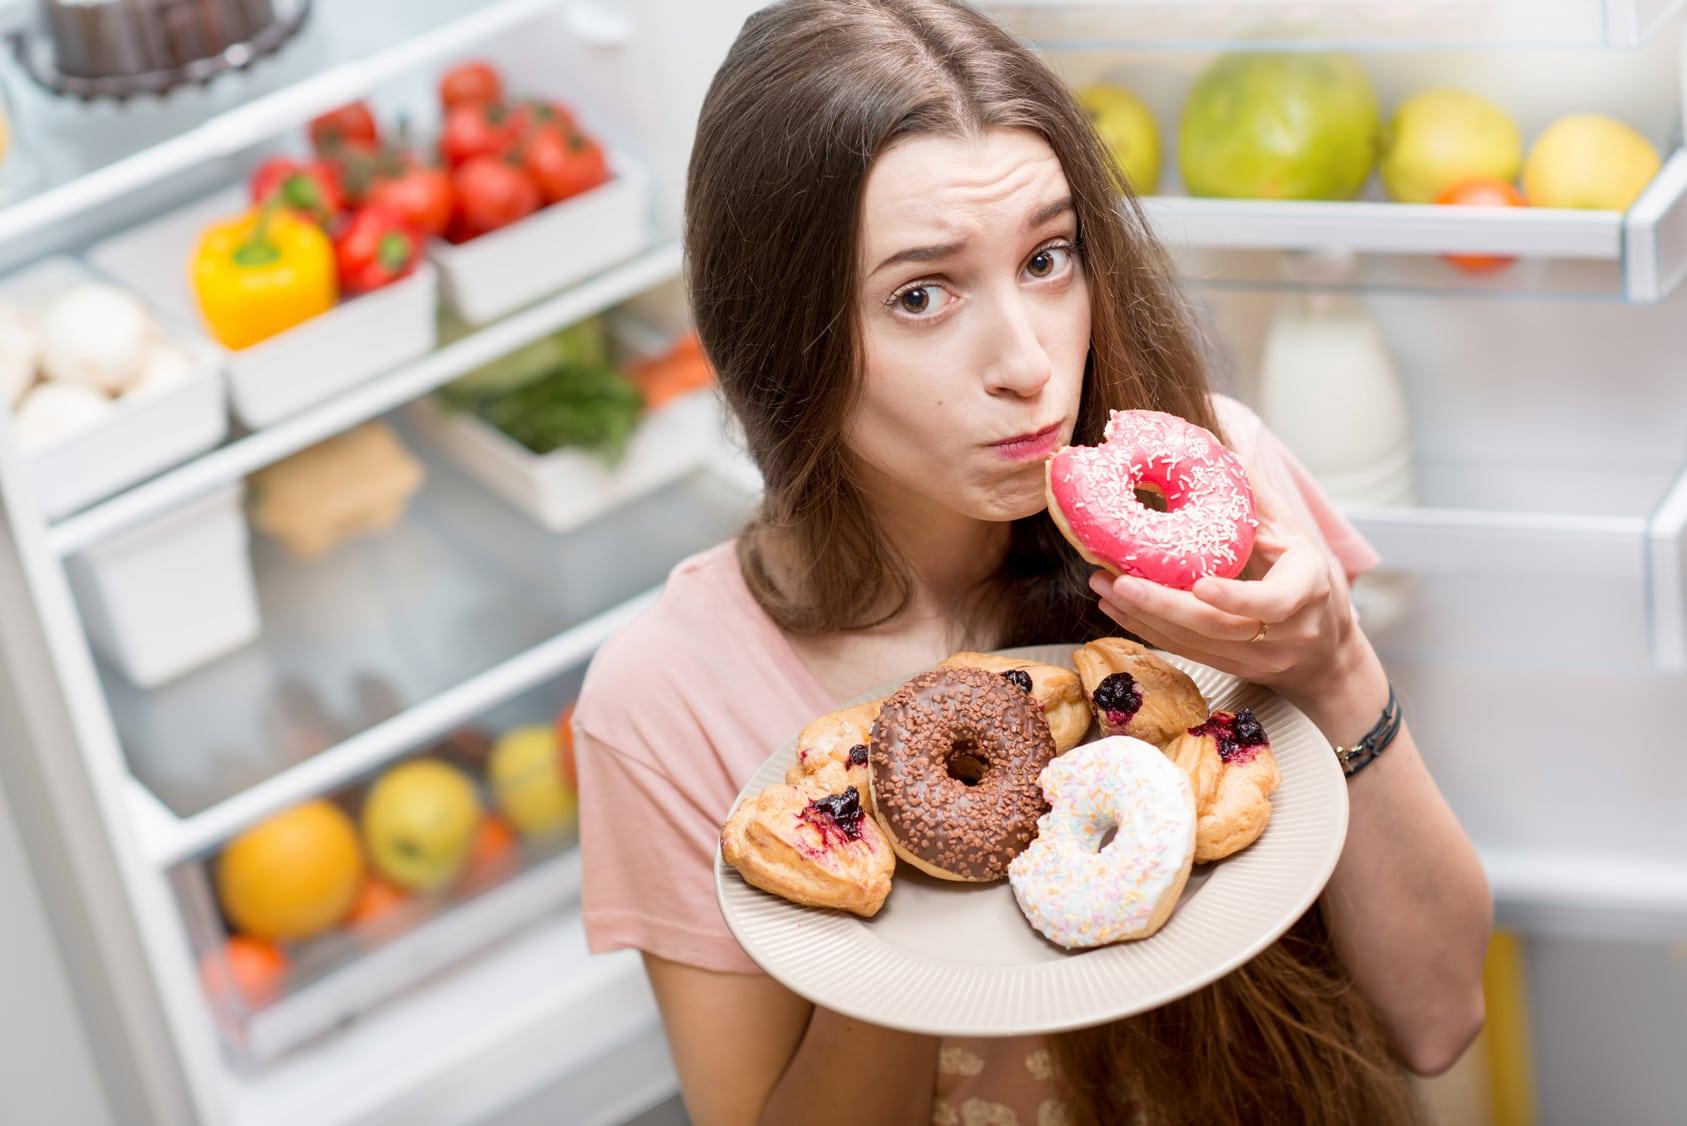 como controlar compulsão alimentar